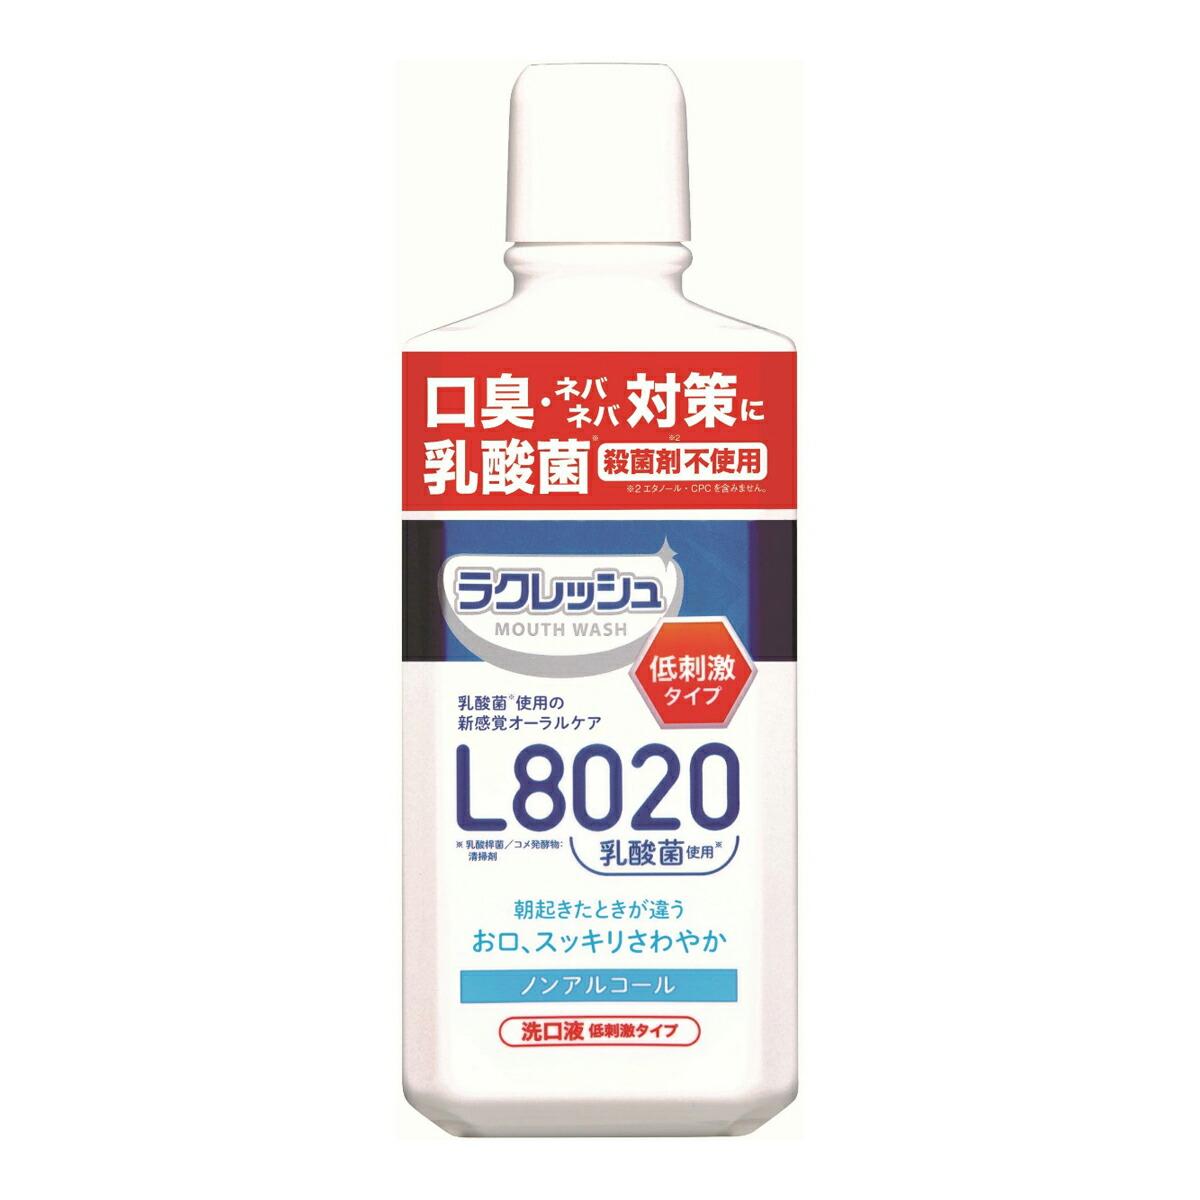 即納 ジェクス L8020乳酸菌使用 新ラクレッシュマイルド マウスウォッシュ 500ml入り 正規品 バーゲンセール 今だけ増量 数量限定 アウトレット 450mL